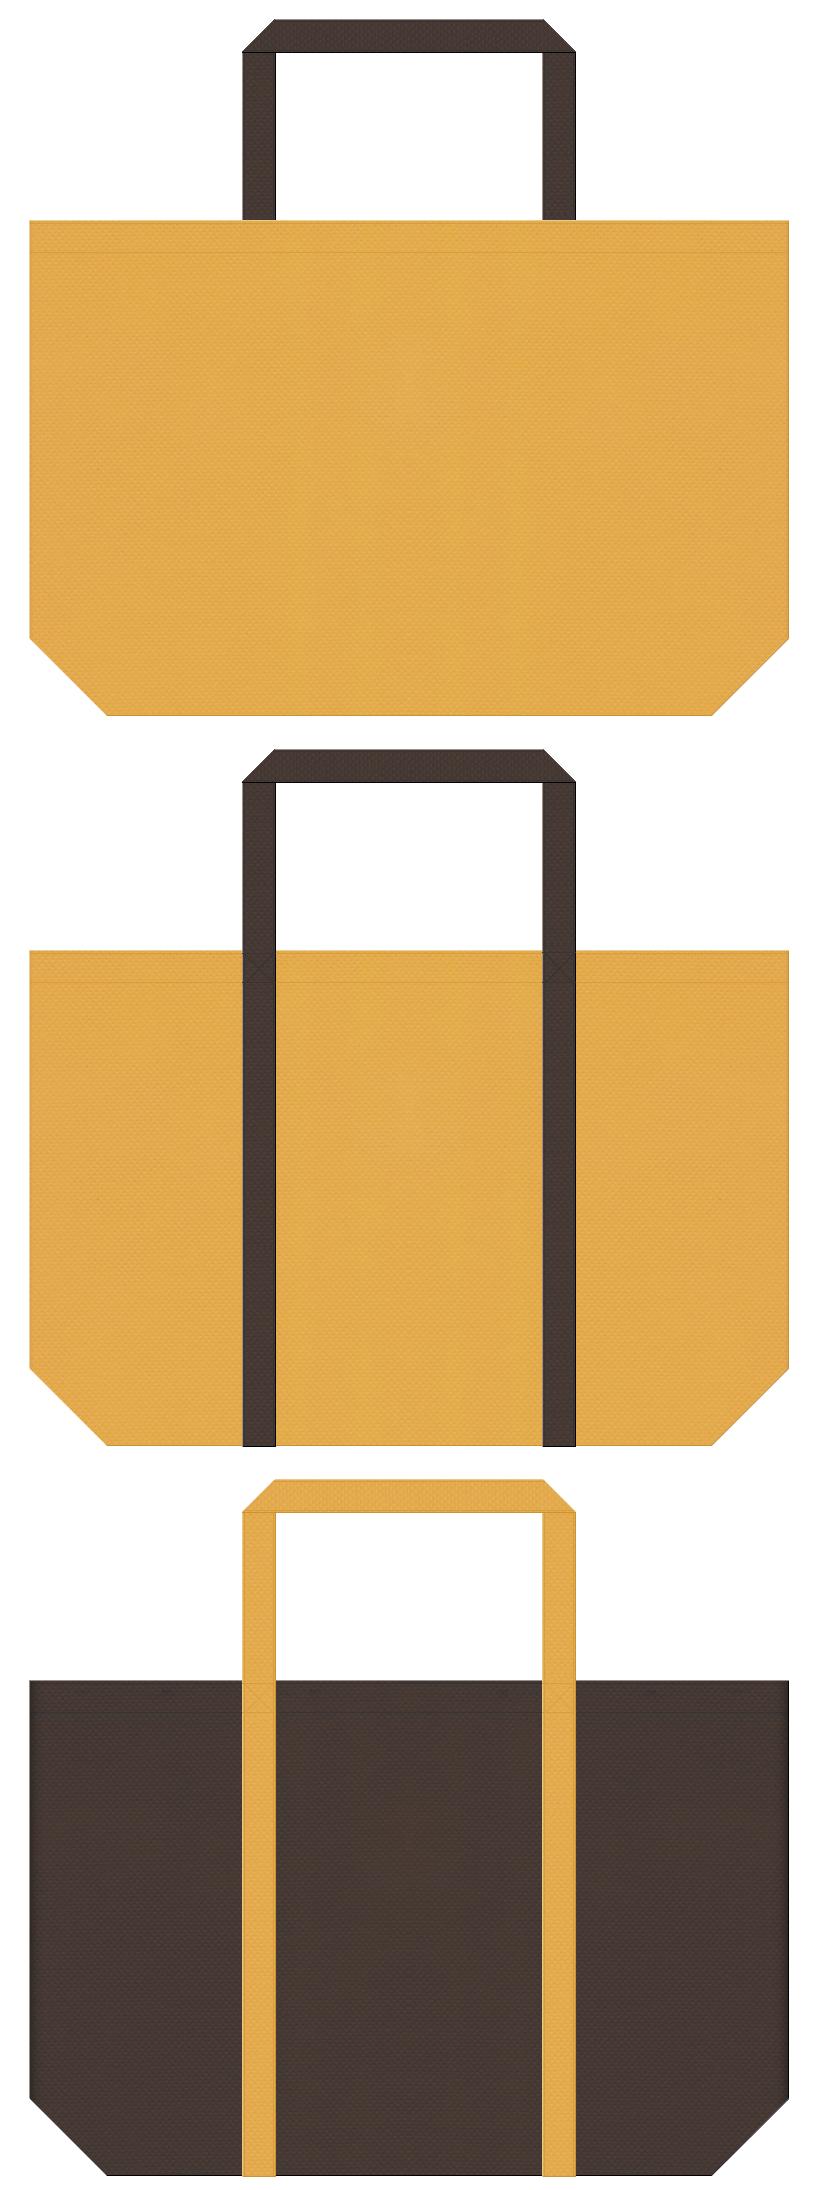 フライヤー・ドーナツ・カフェ・レストラン・石窯パン・チョコクッキー・サブレ・スイーツ・和菓子・ベーカリー・西部劇・ウィスキー・乗馬クラブ・工作教室・DIY・住宅展示場・木製インテリア・木製玩具・木製食器のショッピングバッグにお奨めの不織布バッグデザイン:黄土色とこげ茶色のコーデ